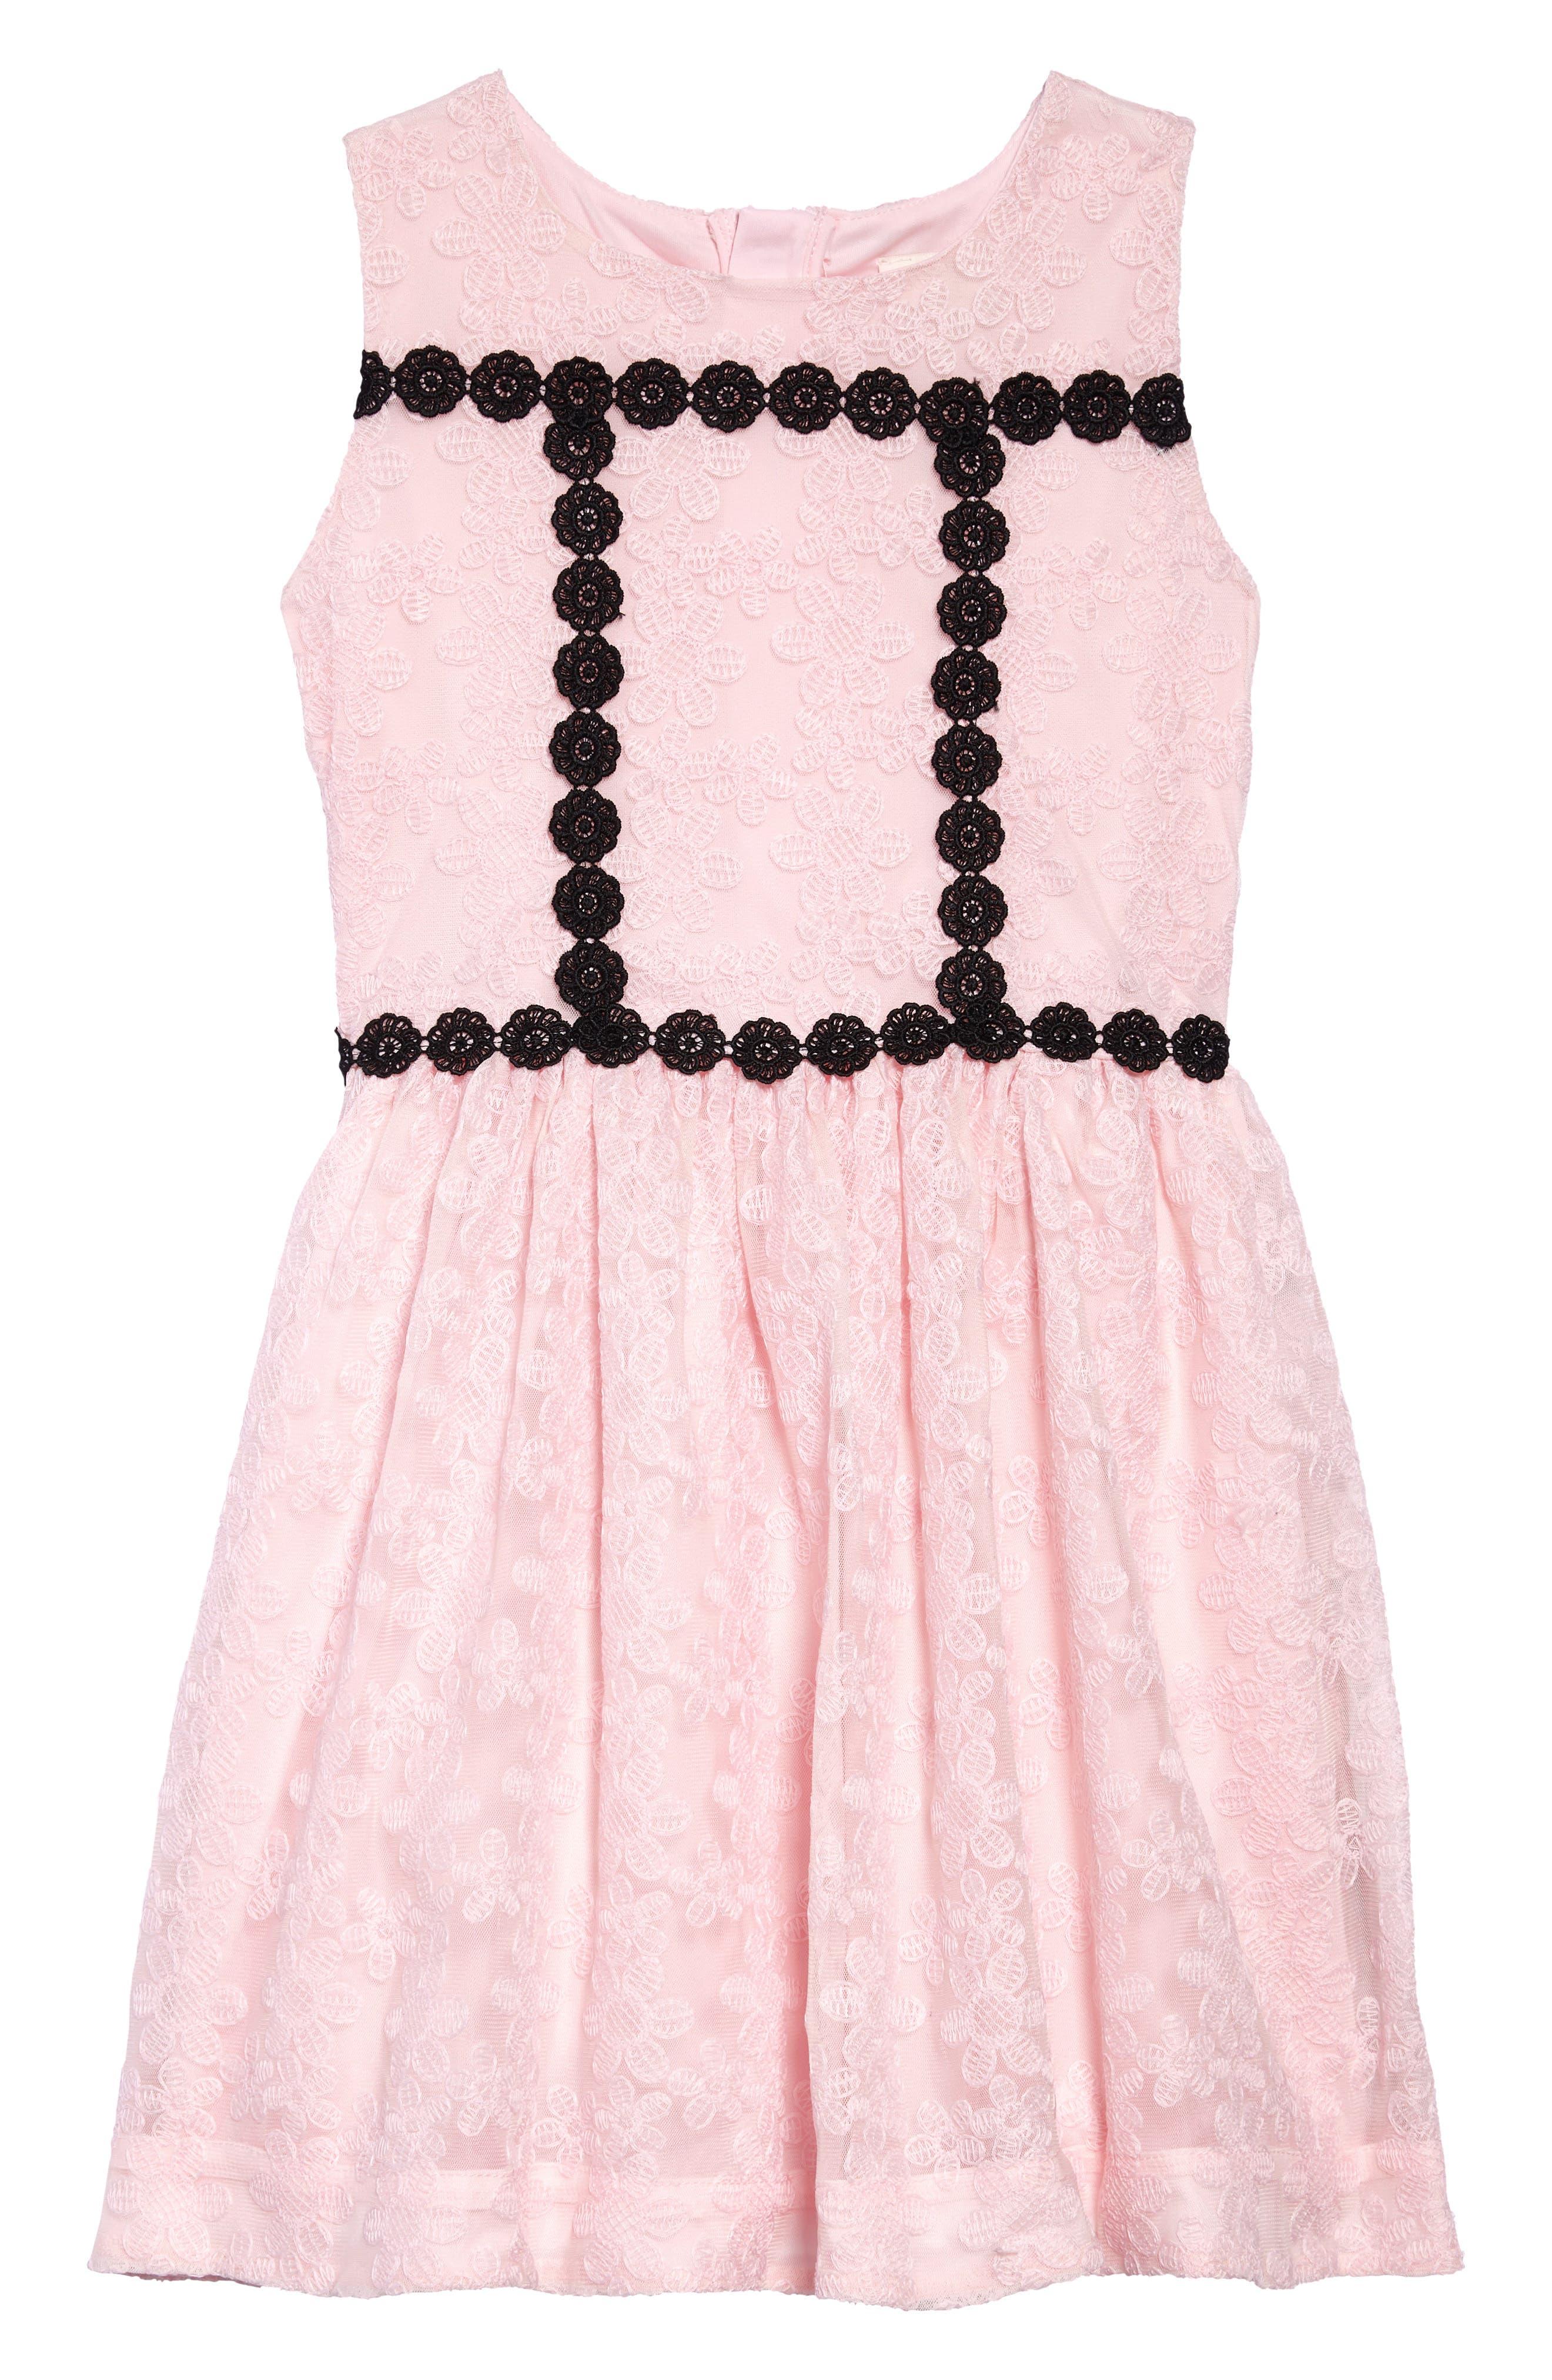 floral mesh sleeveless dress,                             Main thumbnail 1, color,                             Sonata Pink